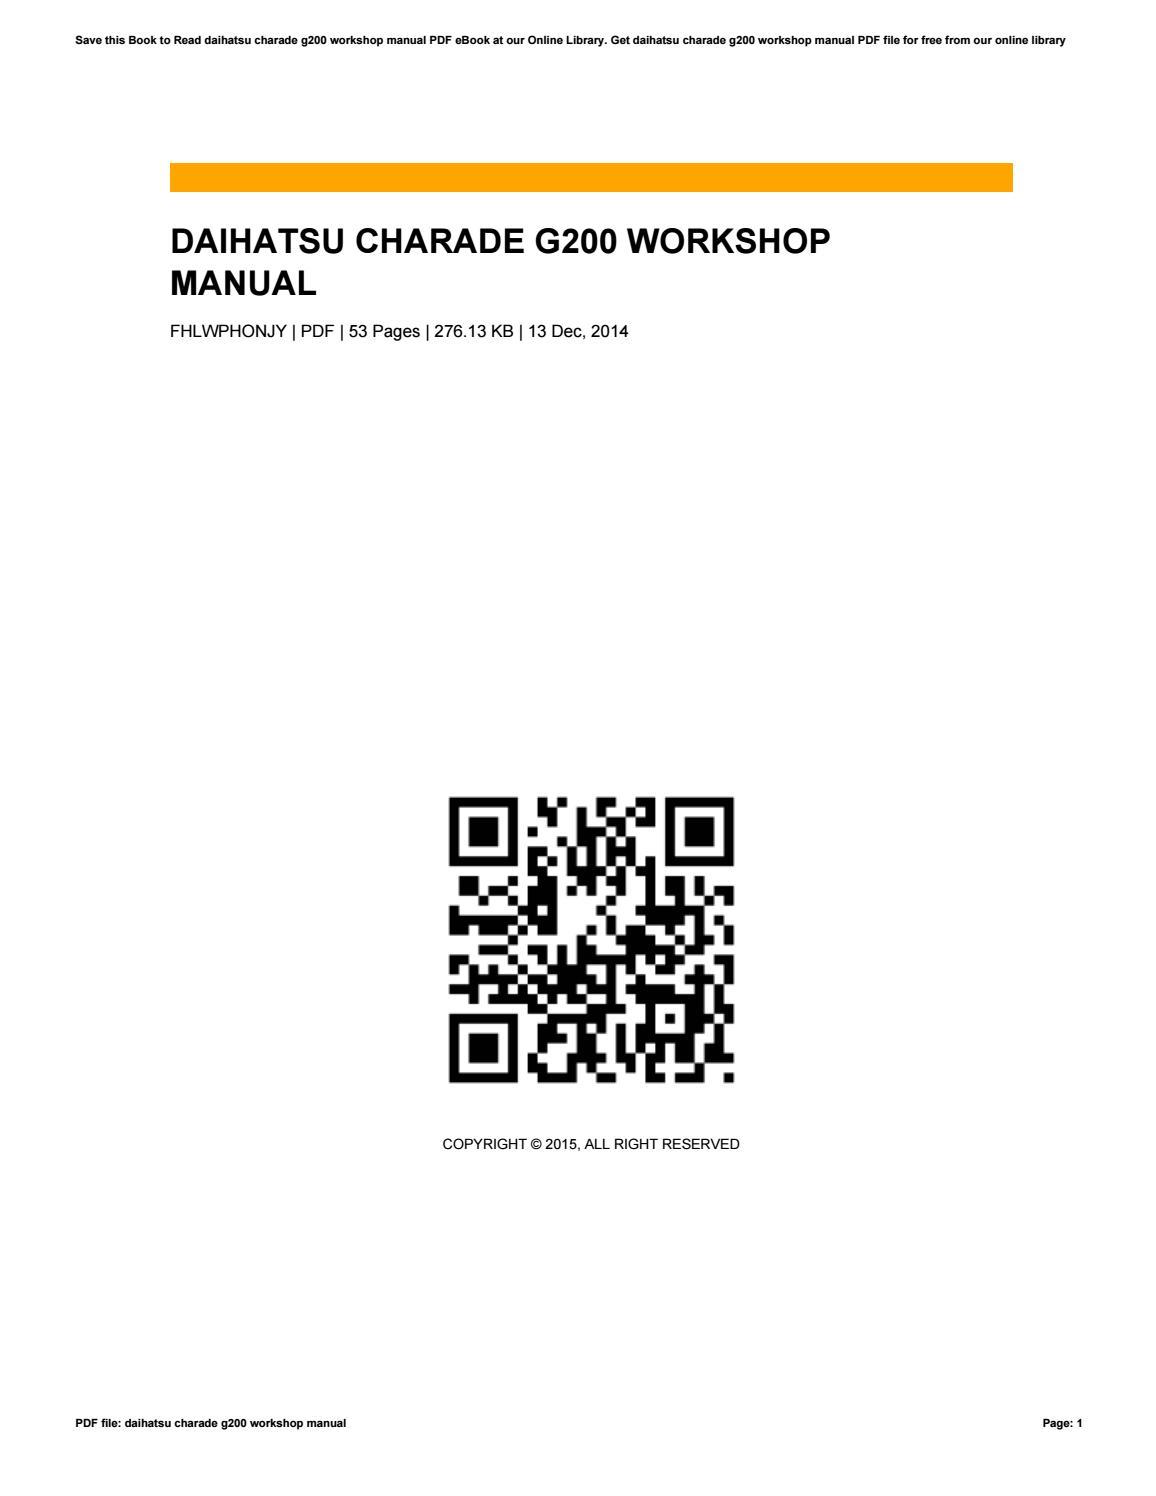 daihatsu charade g200 workshop manual